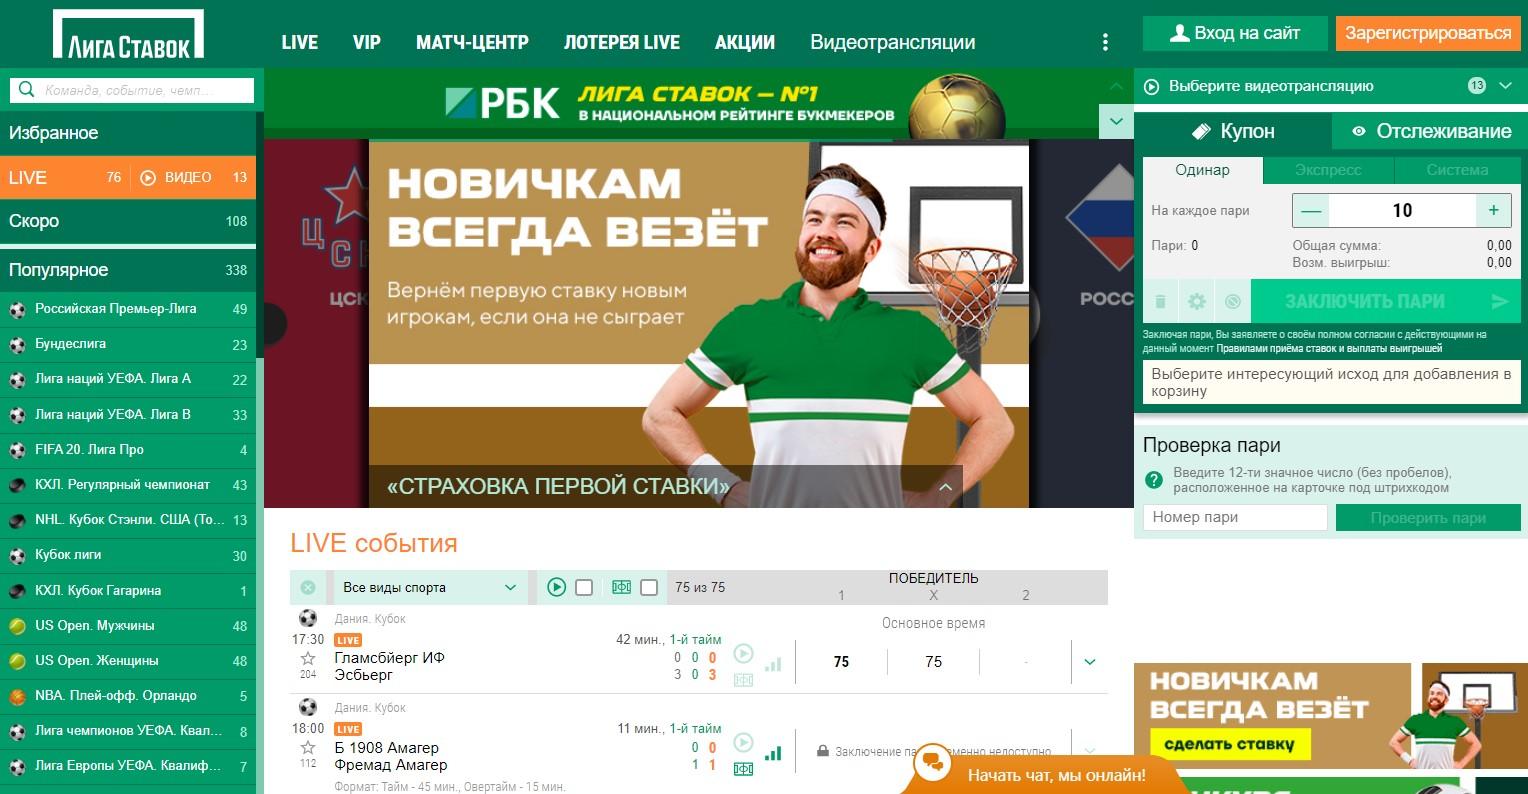 Лучшие букмекерские конторы 2020 - ТОП-10